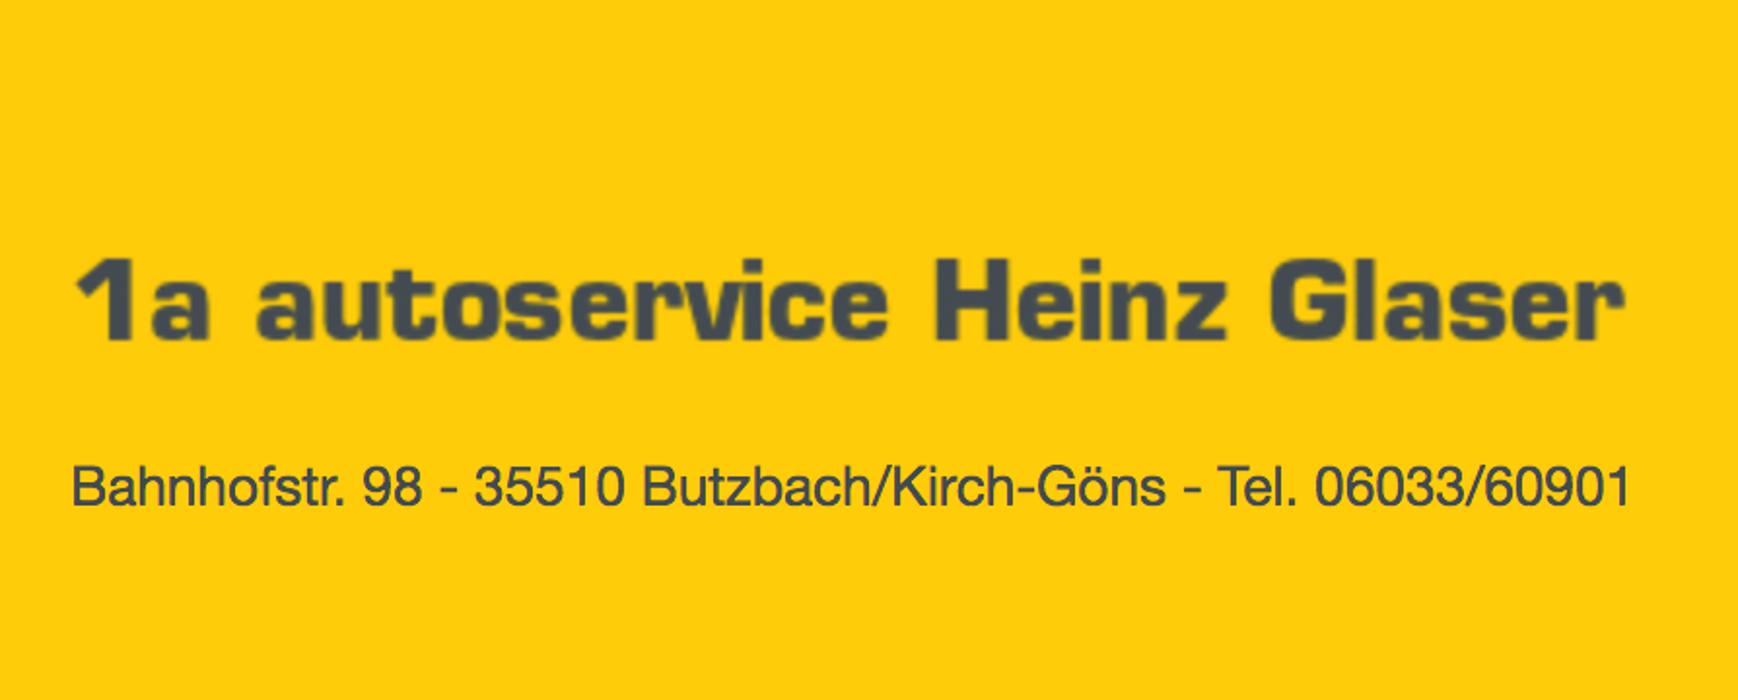 Logo von 1a autoservice Inh. Heinz Glaser